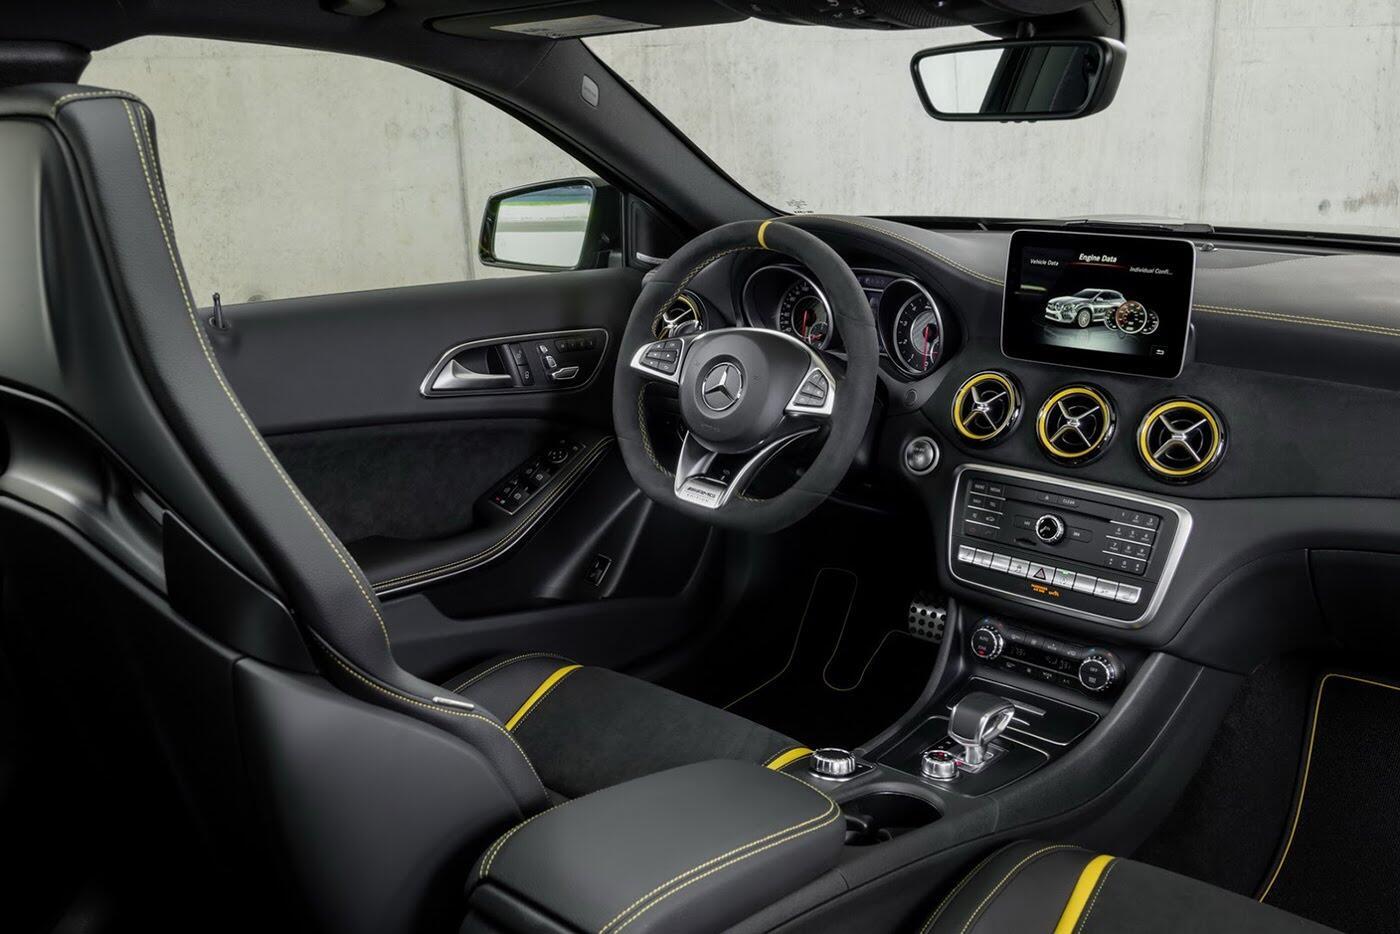 Mercedes GLA bản nâng cấp có giá từ 43.900 USD - Hình 4